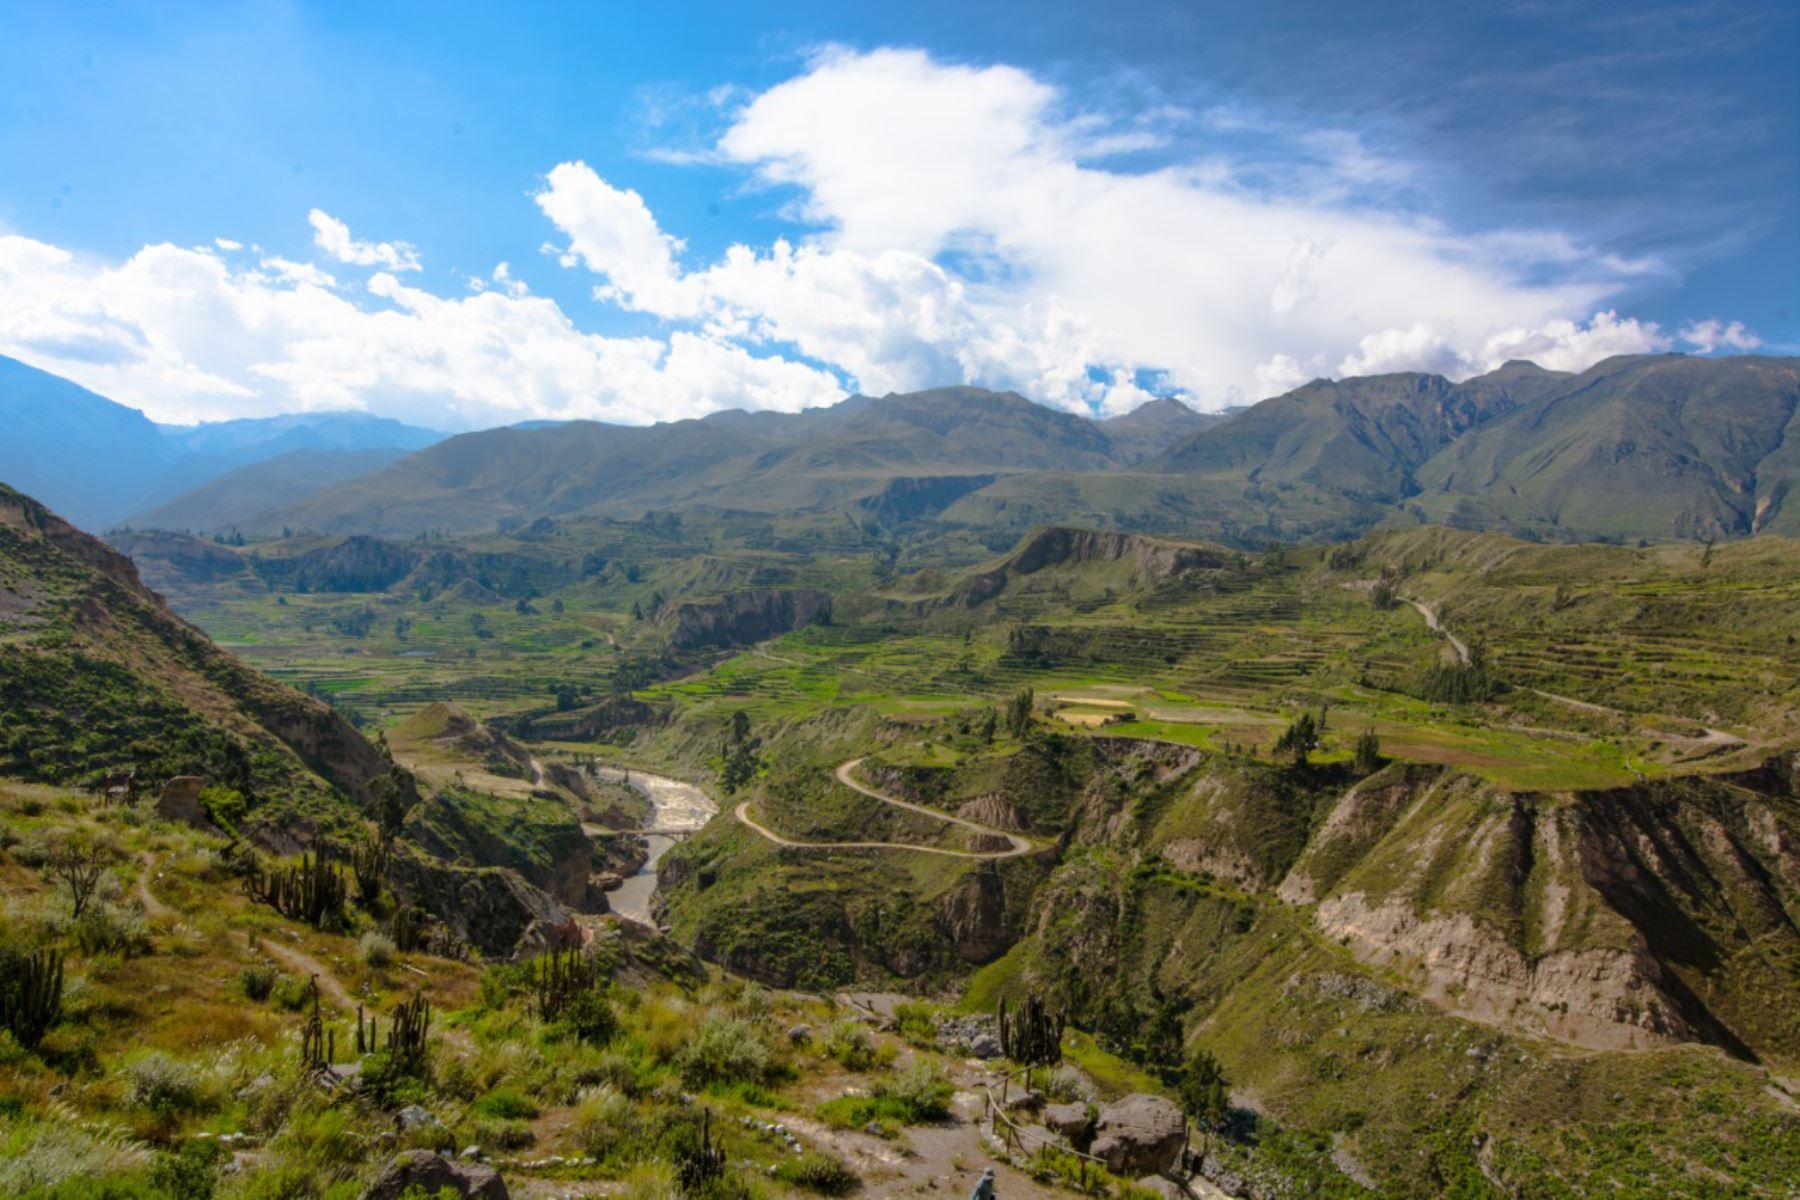 Colca Canyon. Photo: Autocolca